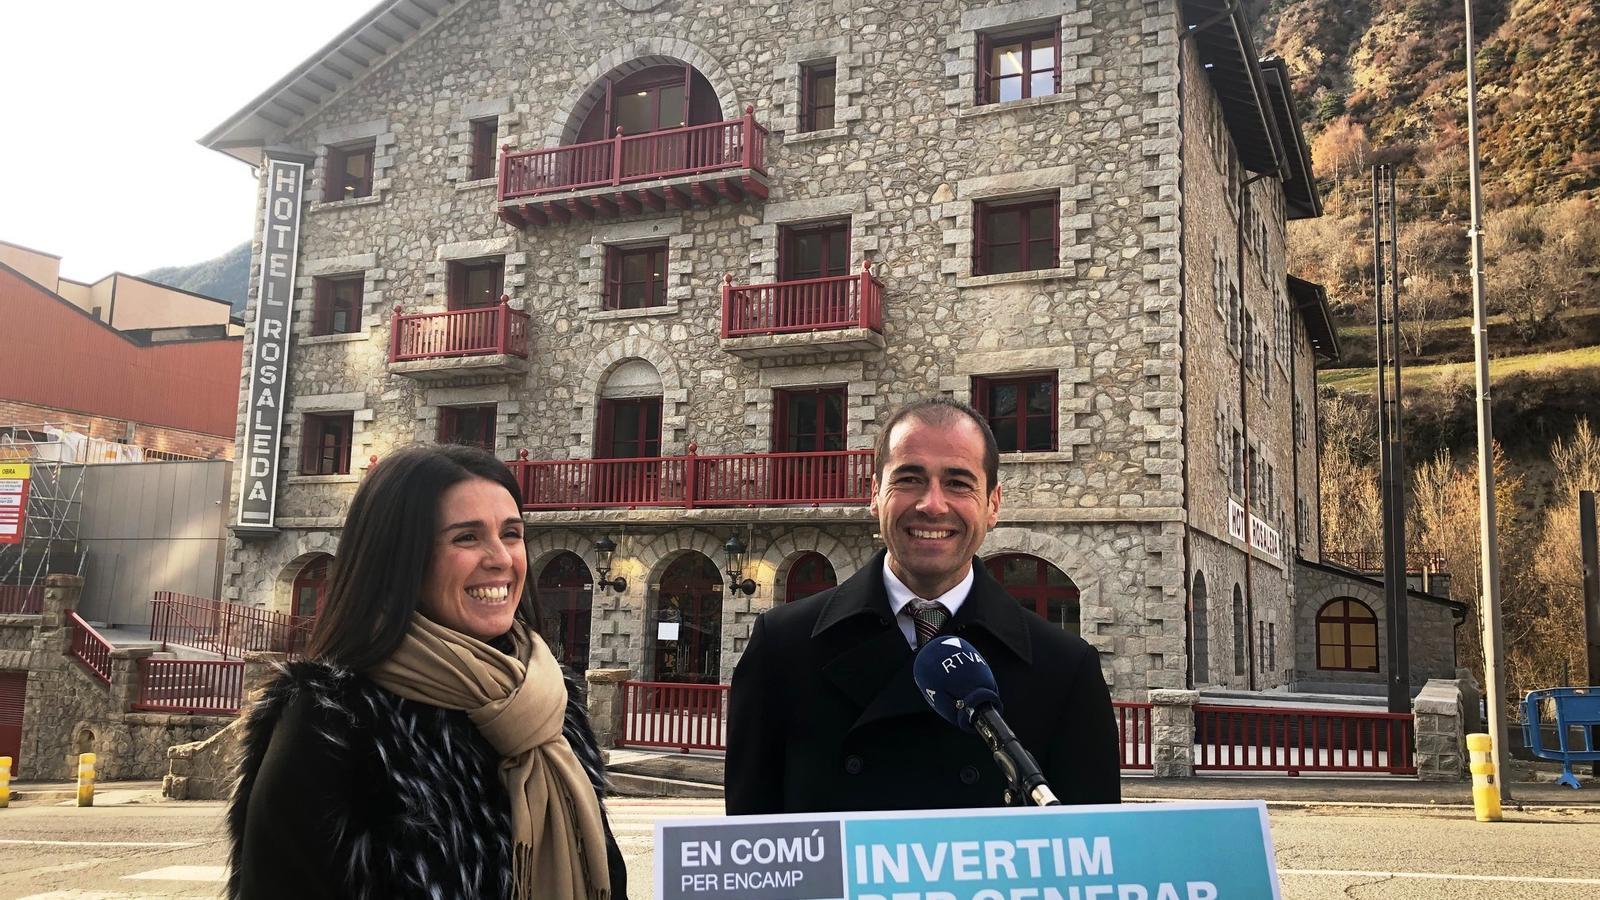 La cap de llista, Laura Mas, i el número 5, Josep Maria Marot. / DEMÒCRATES